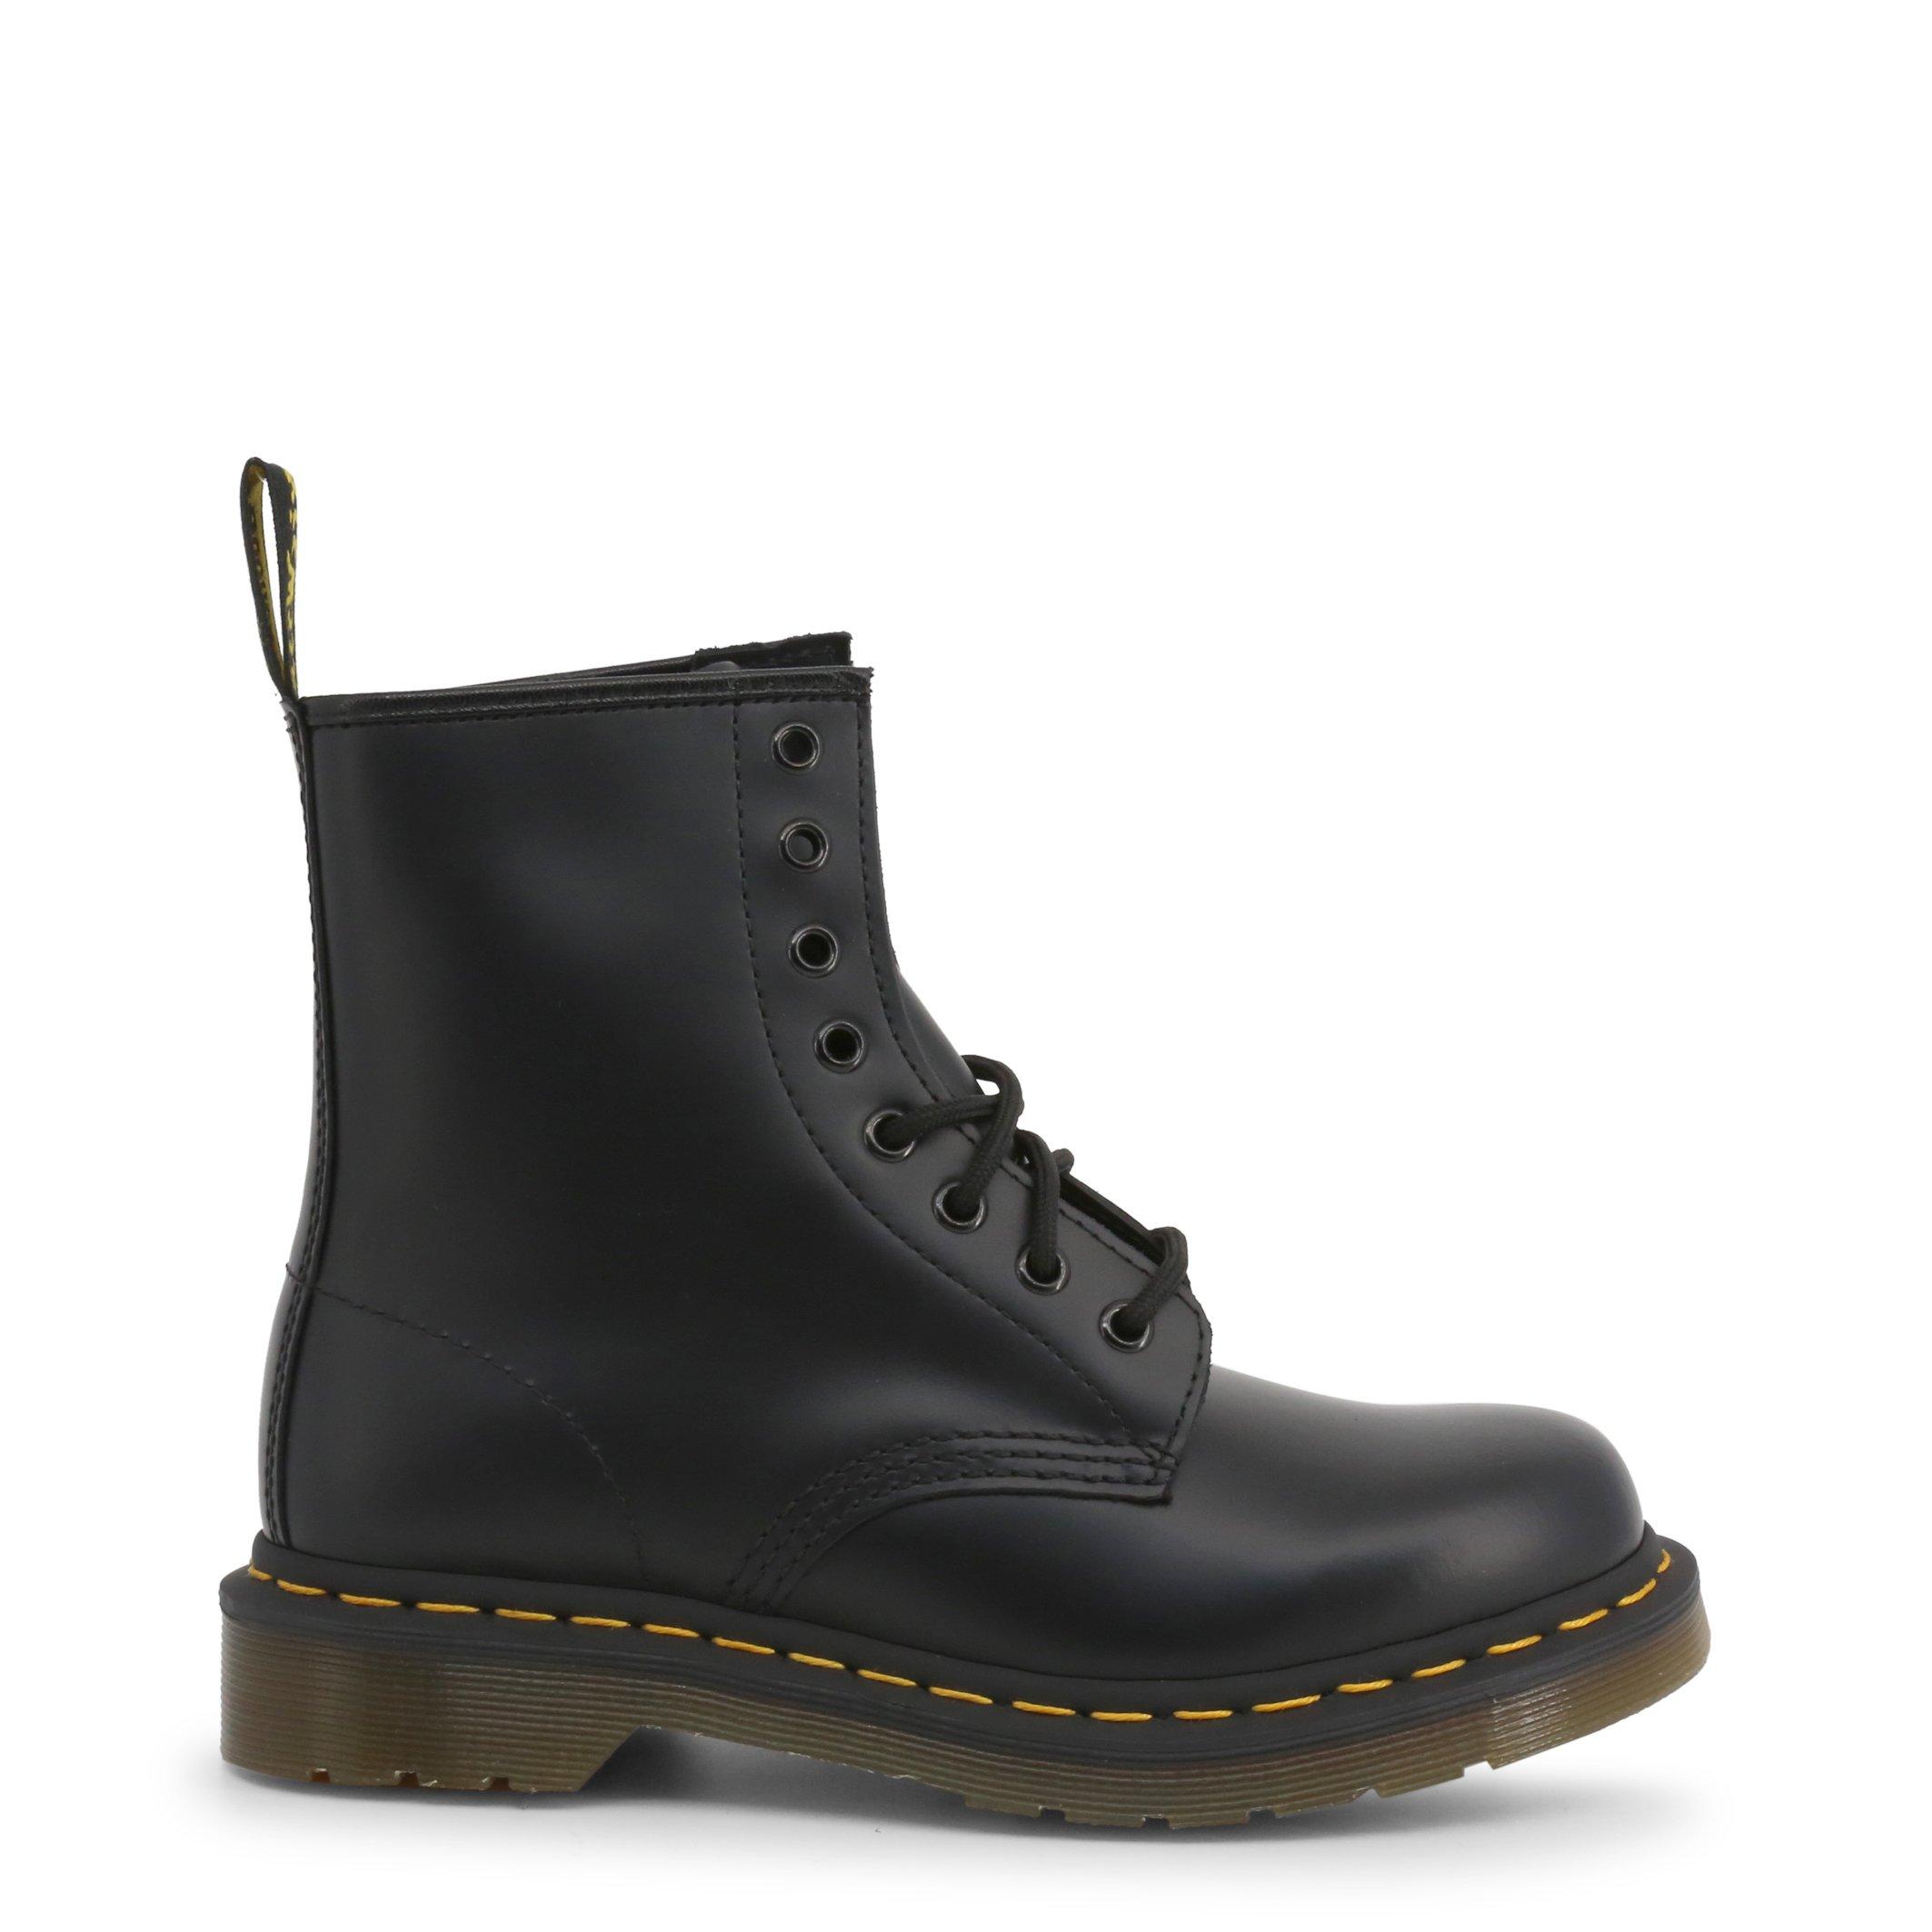 Dr Martens Women's Ankle Boot Various Colours DM11822600 - black EU 36